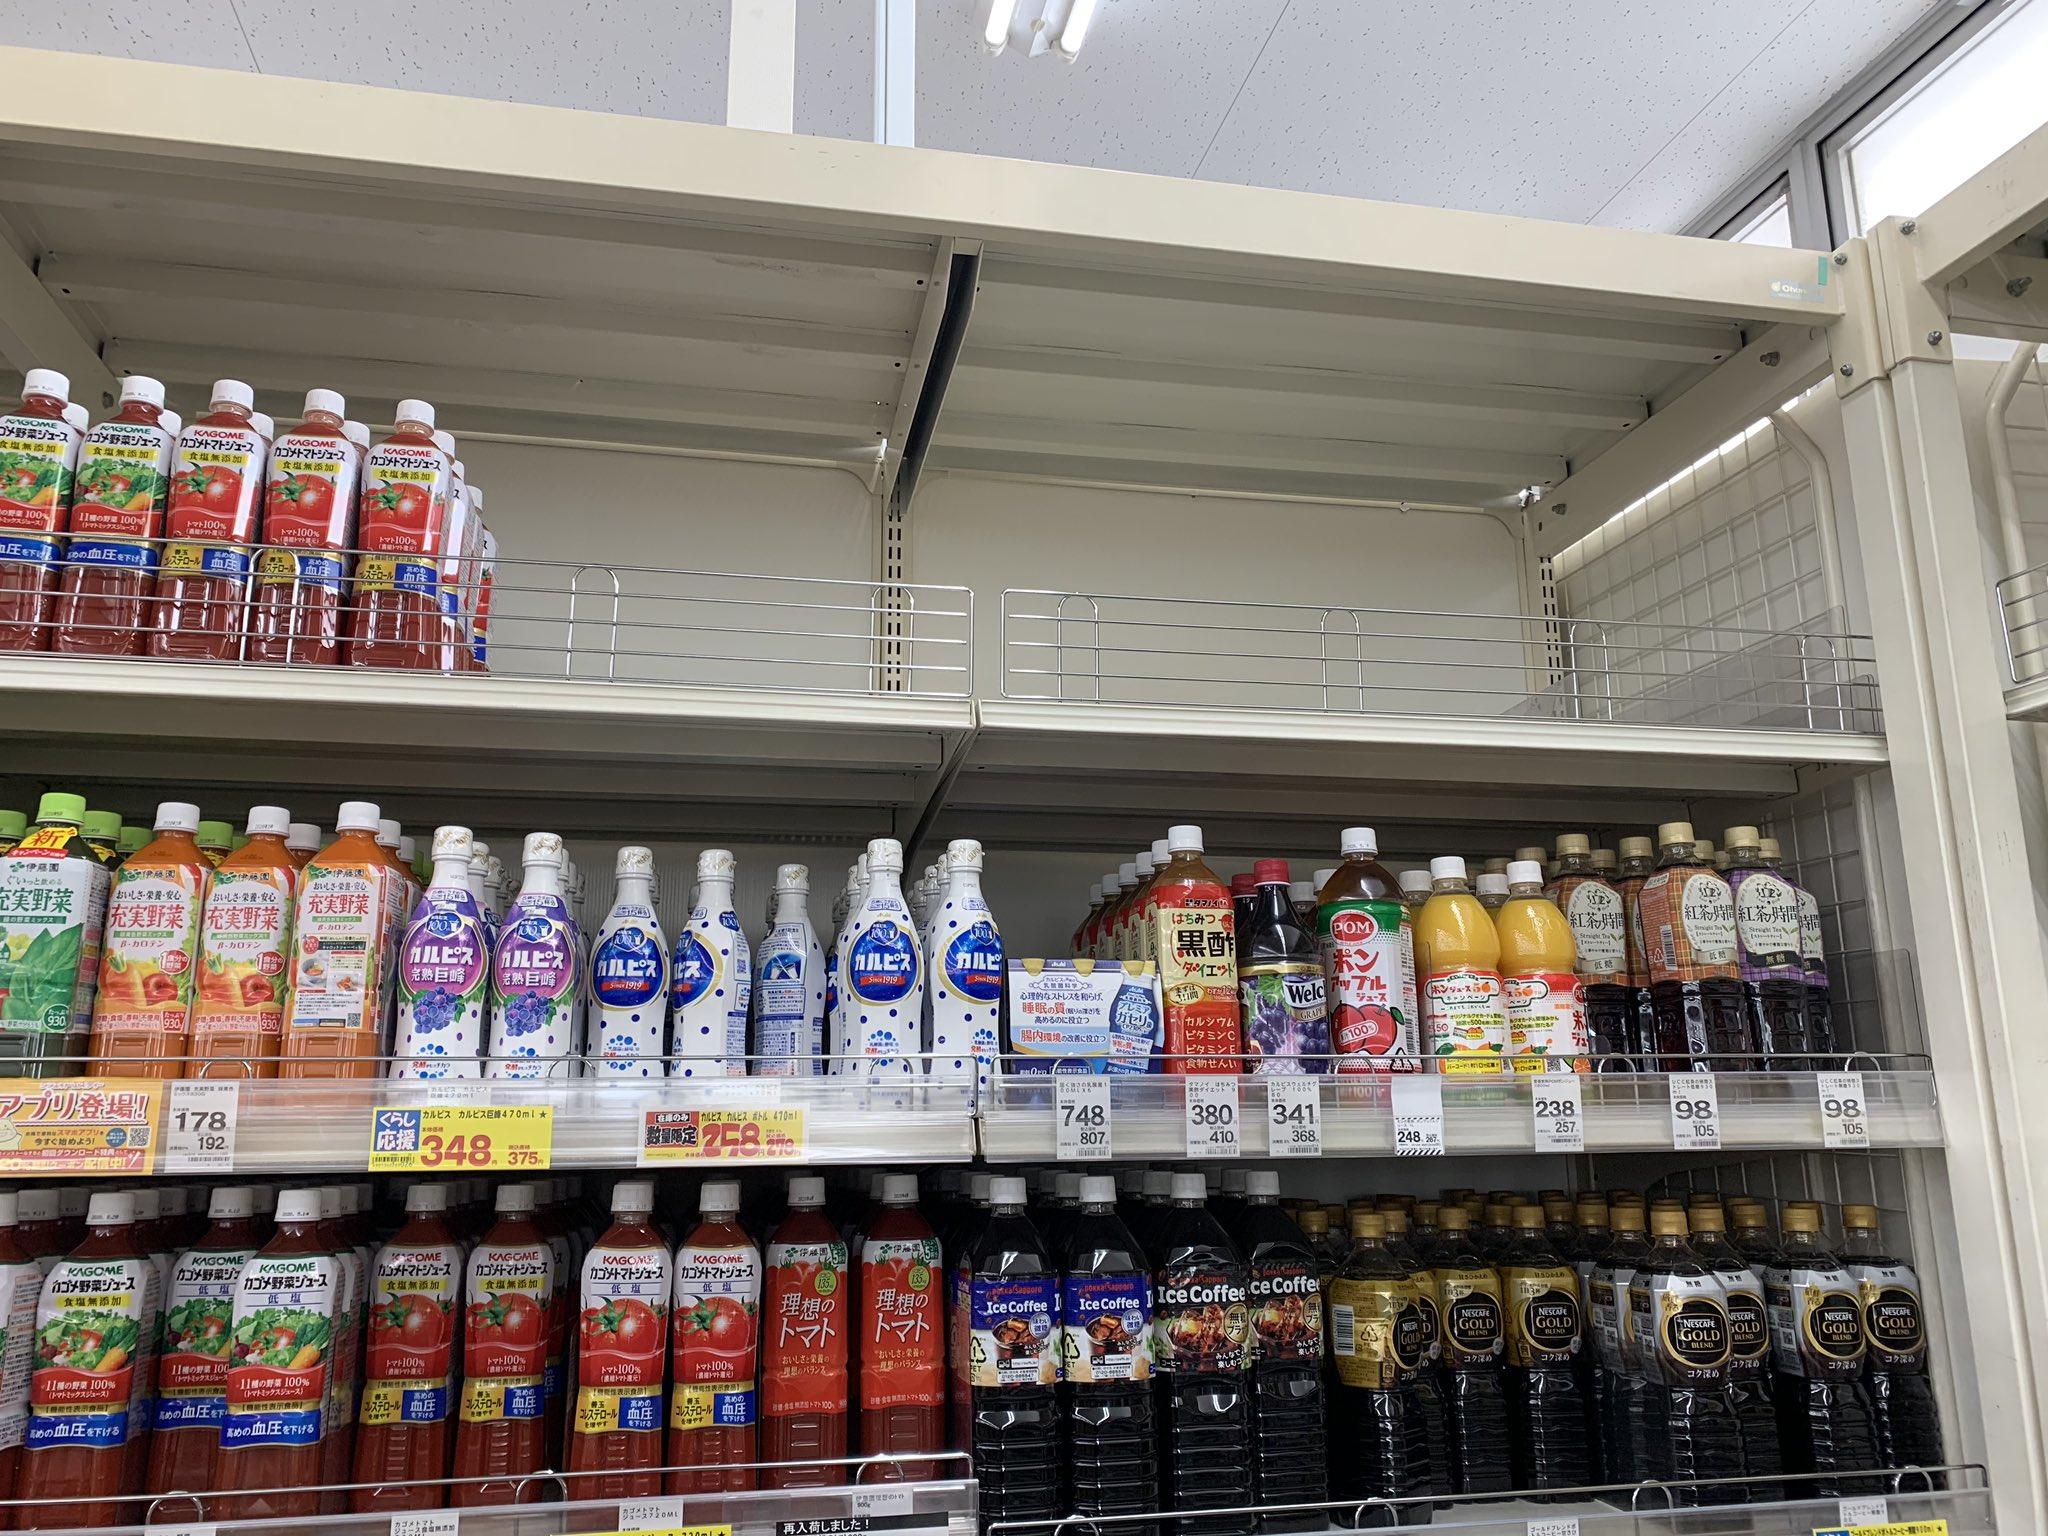 画像,千葉県、近隣のスーパーから水無くなり始める。 https://t.co/Vic7lLQIk0。